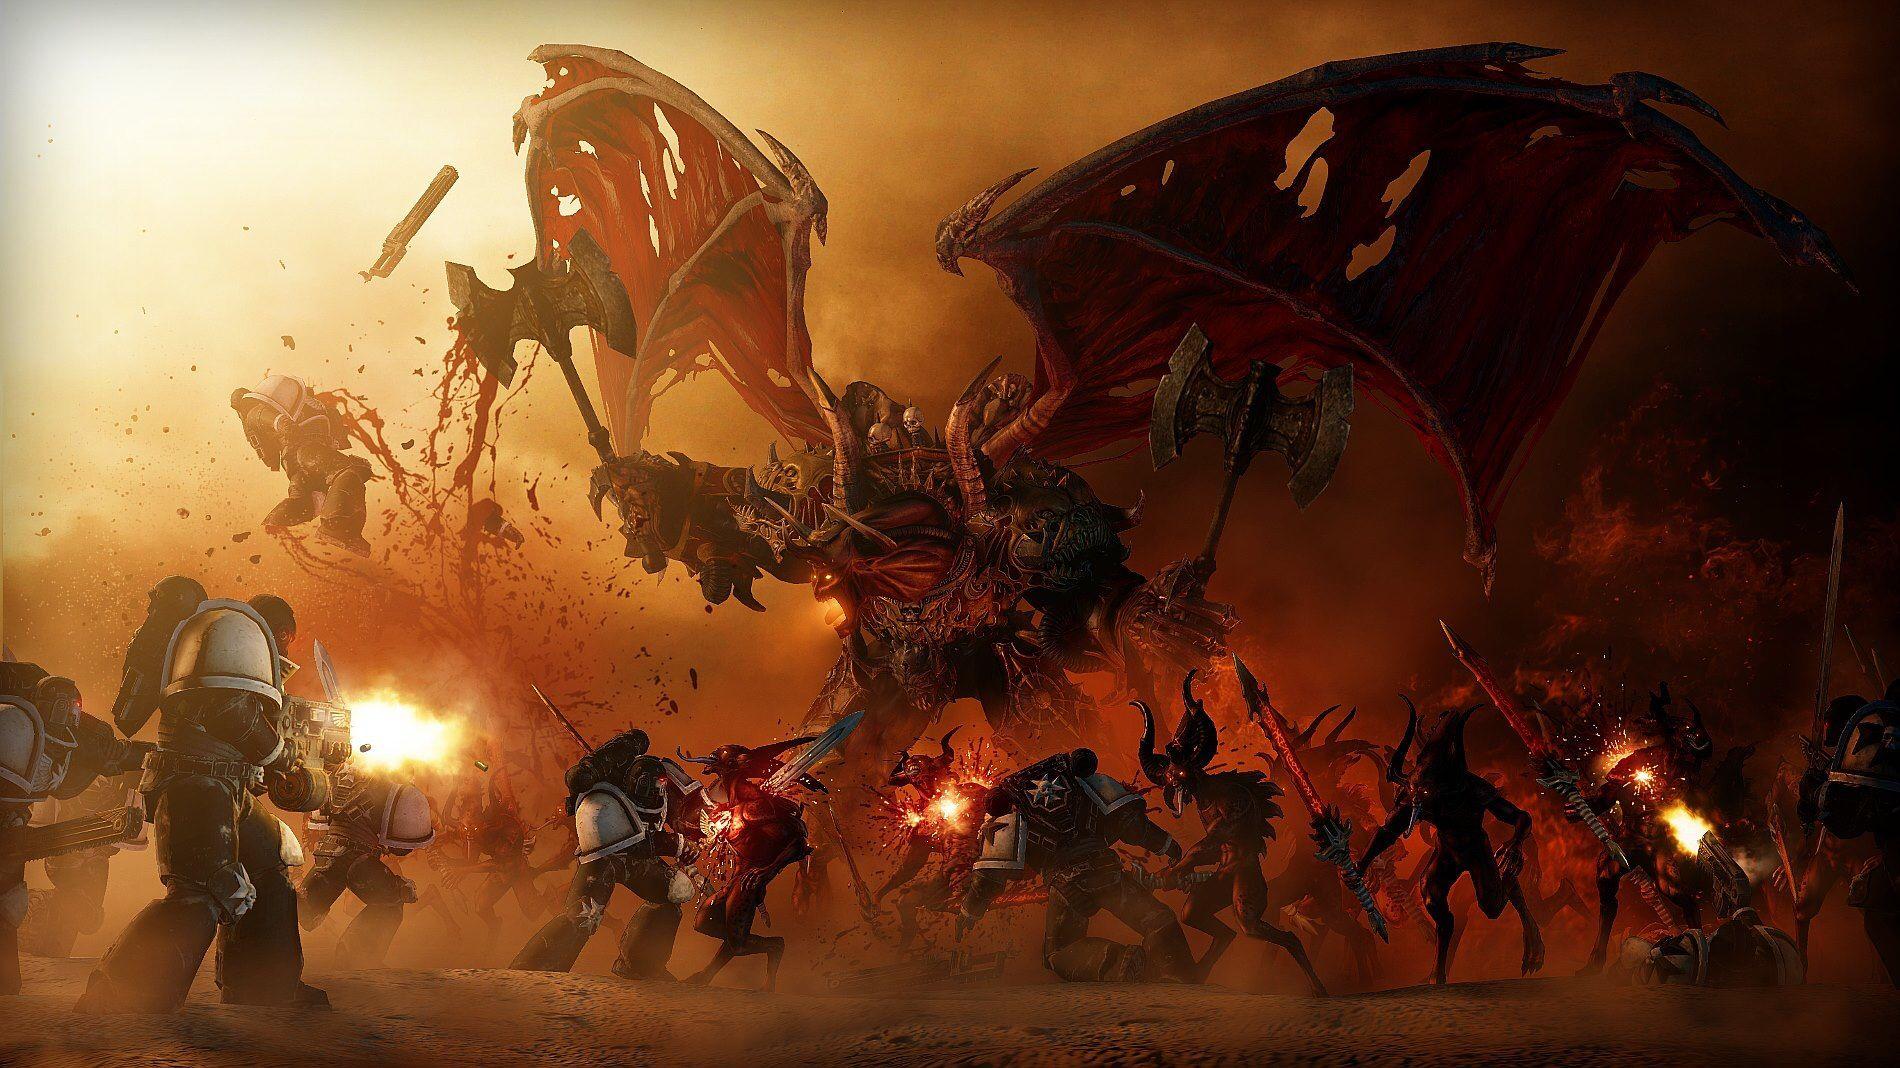 Black Templars Vs Khorne Demons Warhammer Warhammer 40k